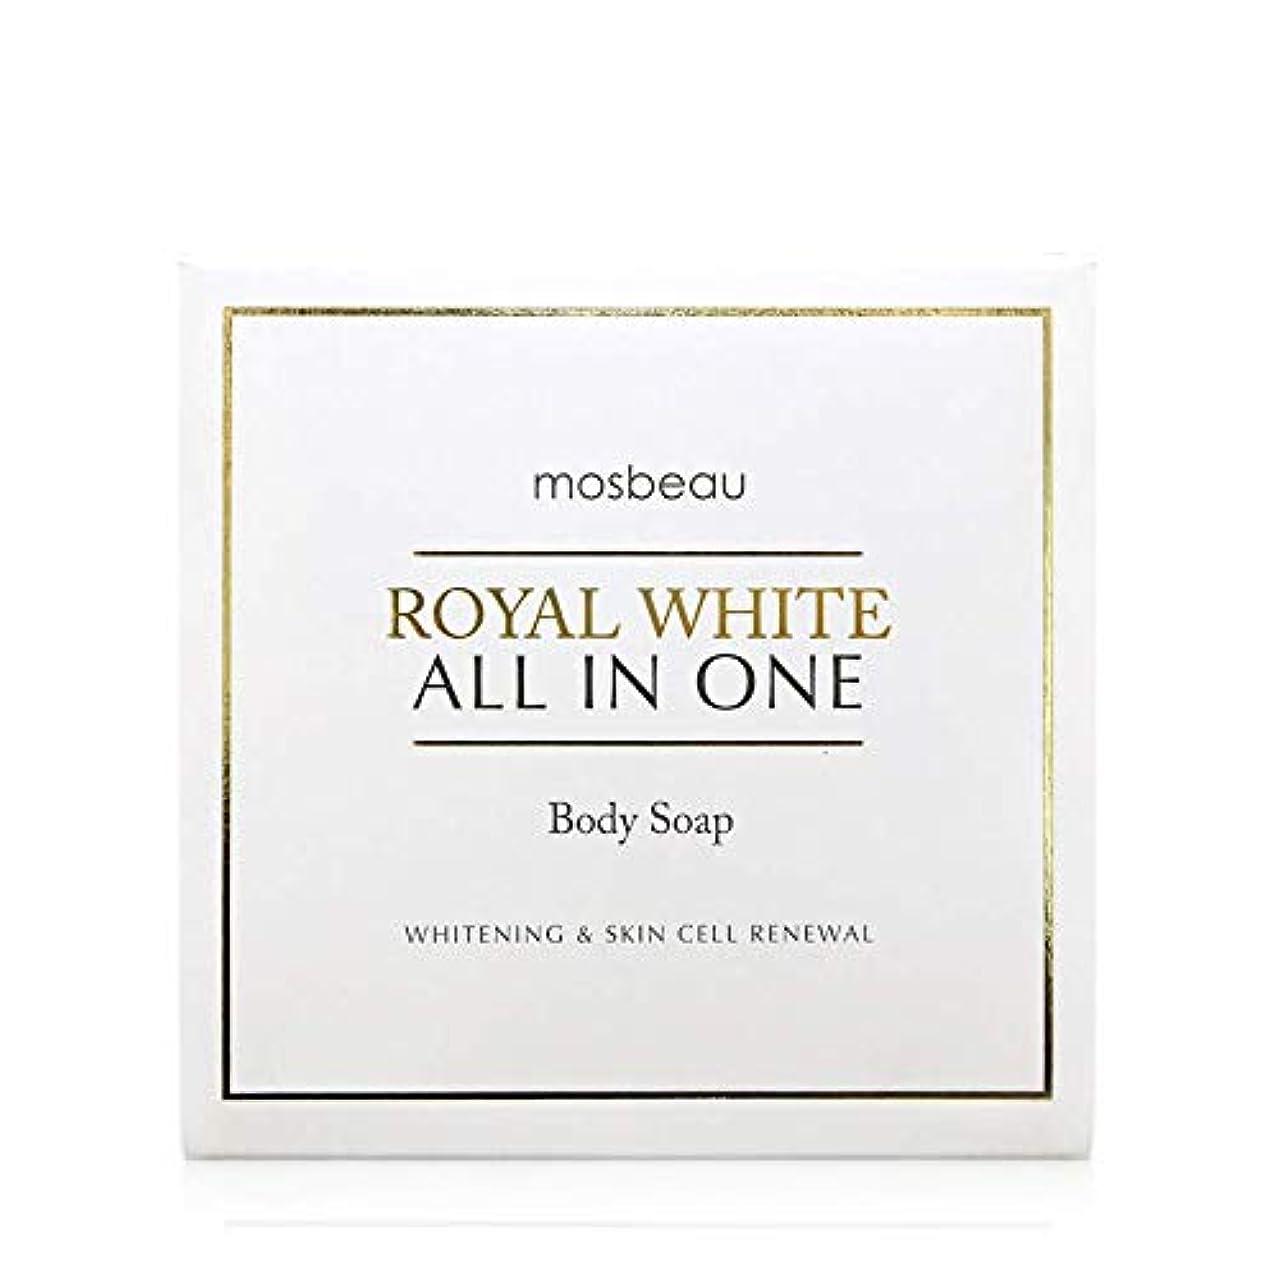 きらめき部門混沌mosbeau ROYAL WHITE ALL-IN-ONE BODY SOAP 100g ロィヤルホワイトオールインワンボディーソープ